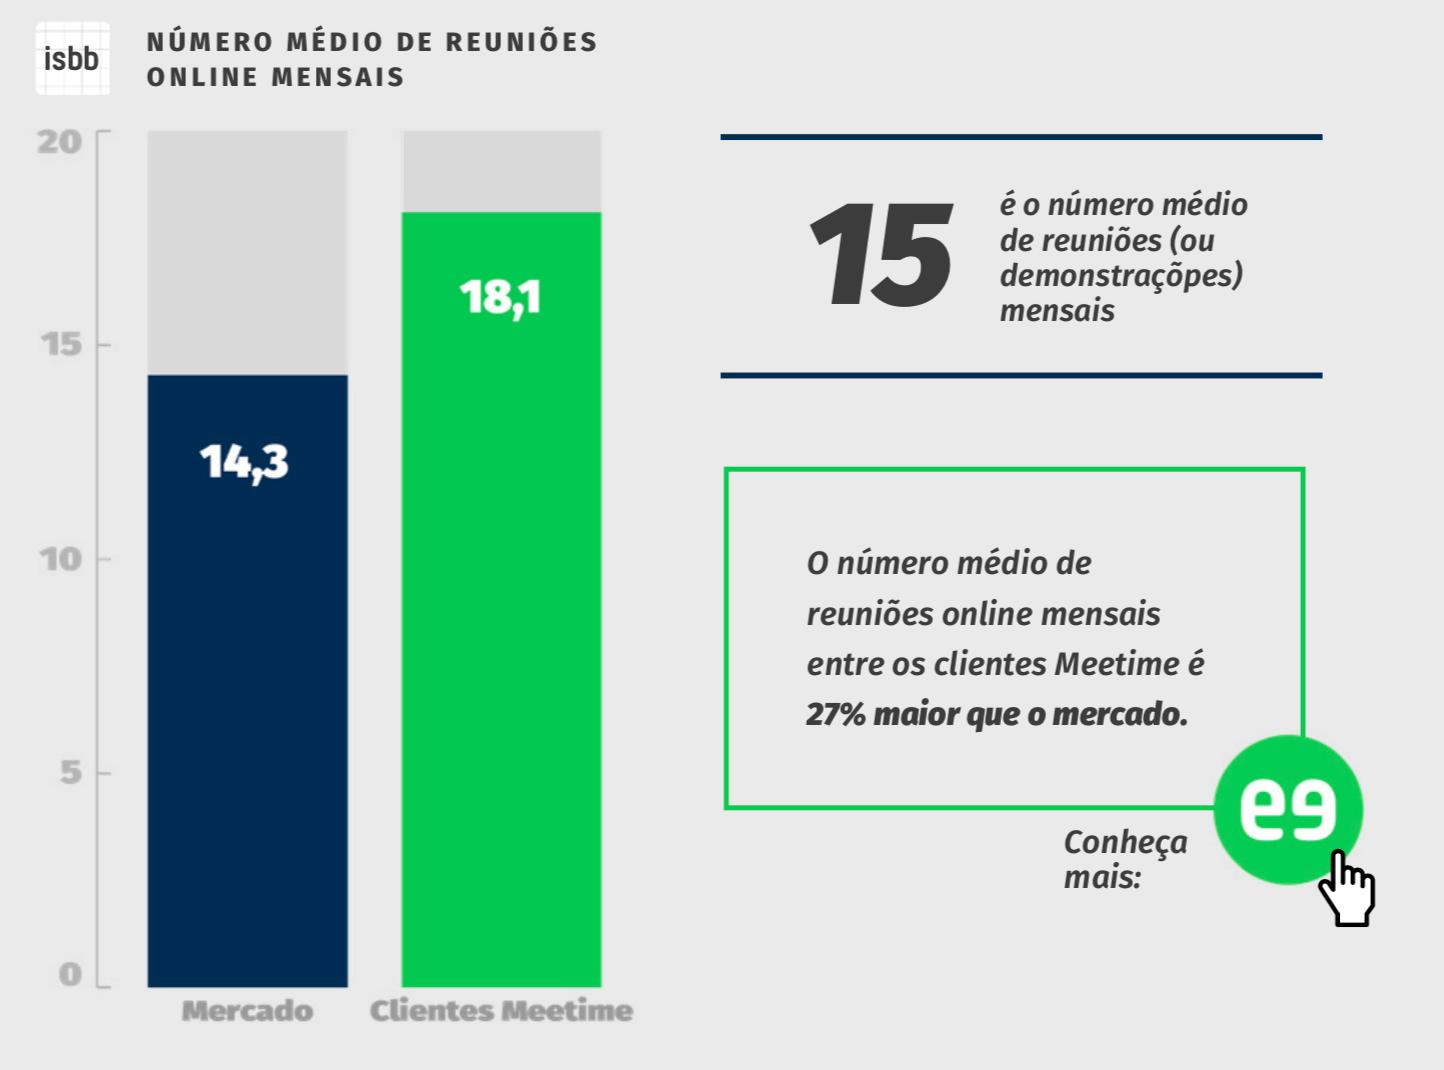 gráfico número médio de reuniões online